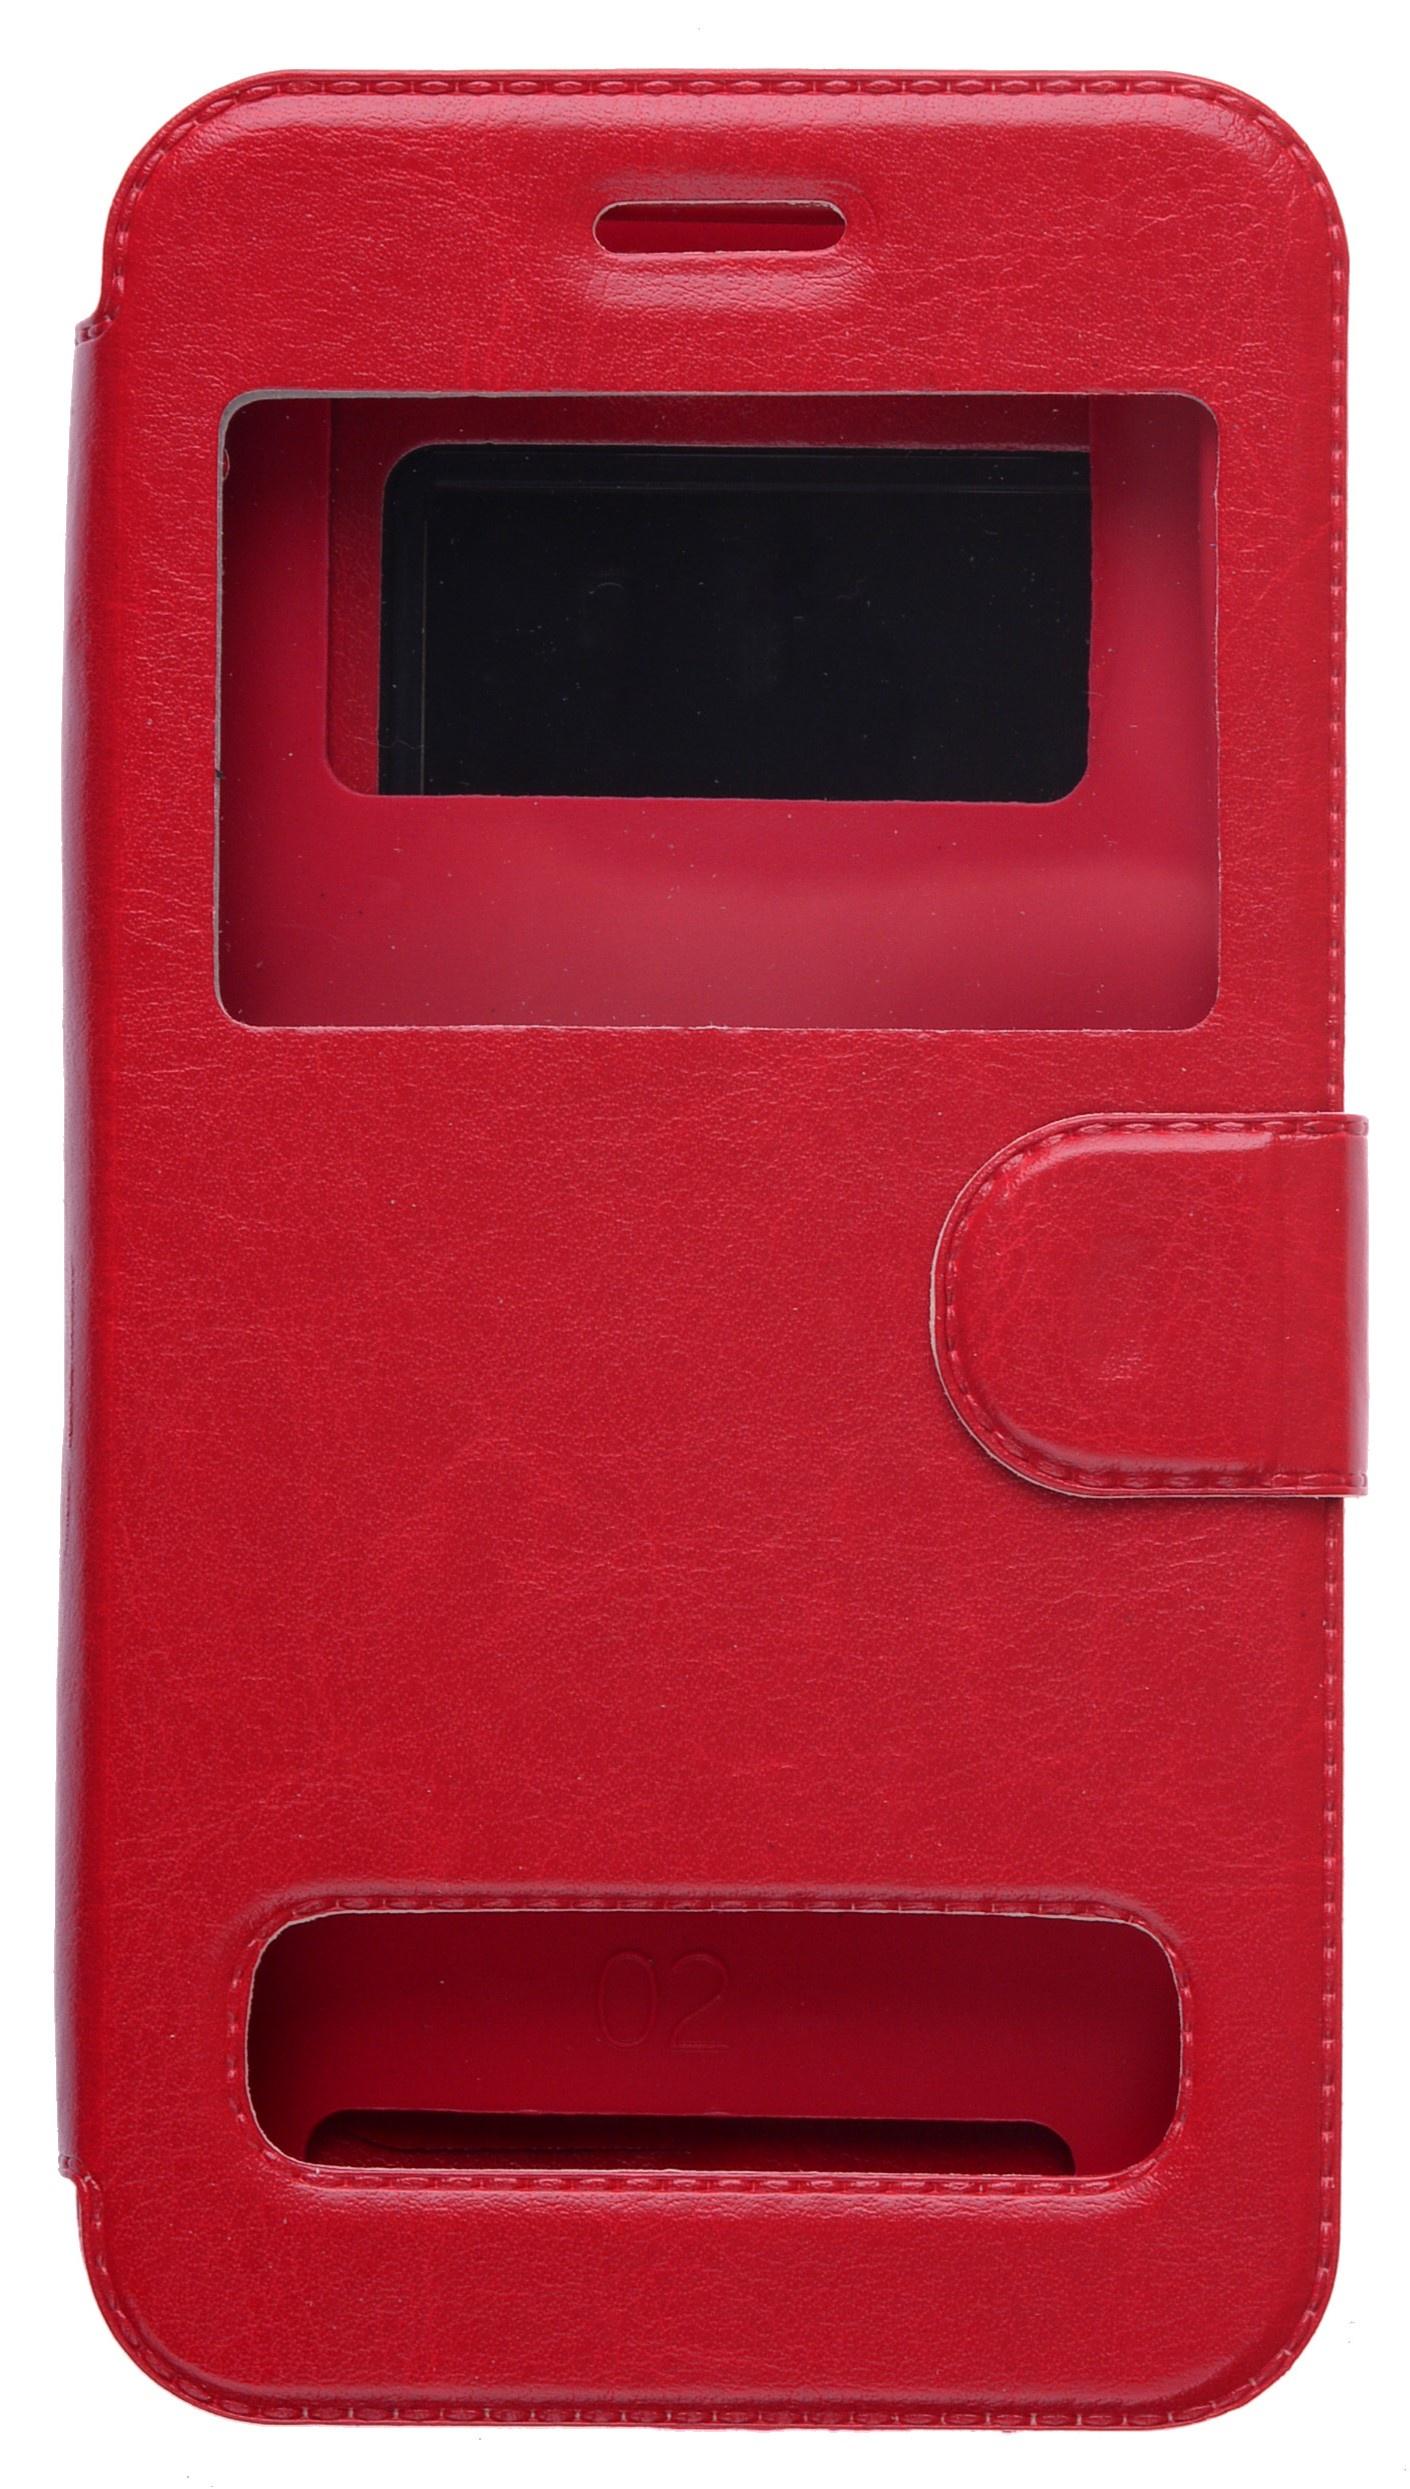 цена на Чехол универсальный skinBOX Silicone Sticker 5, 2000000132570, красный